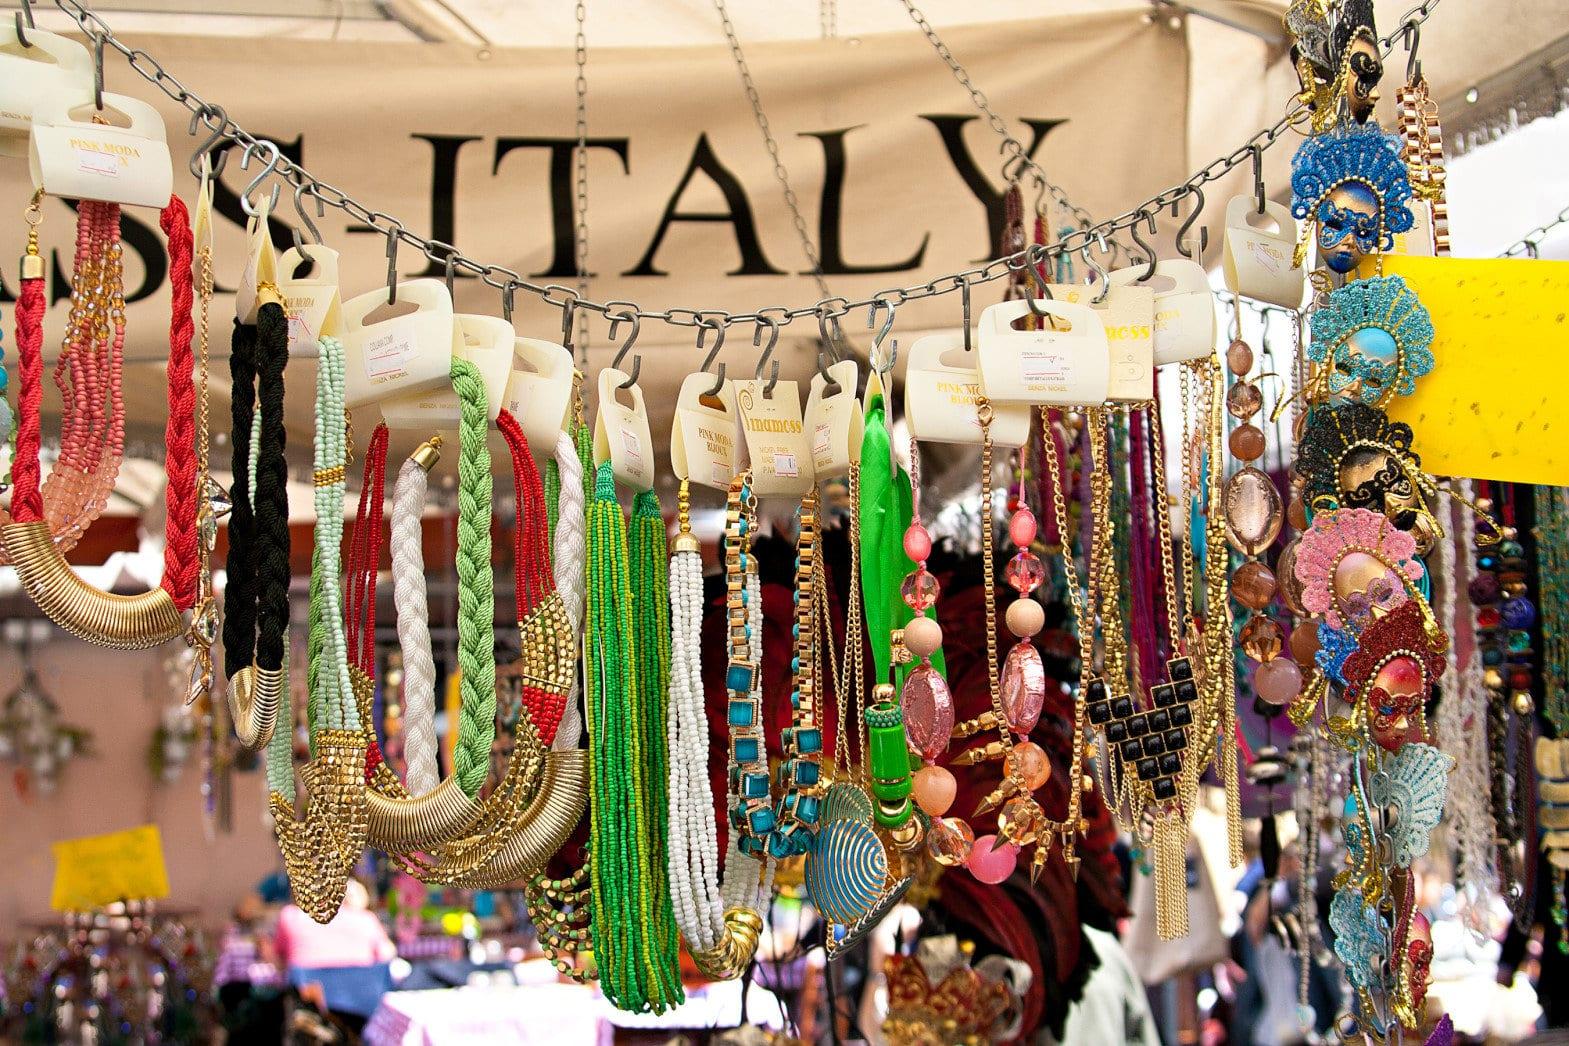 Fashion necklaces on the market Campo dei Fiori in Rome.